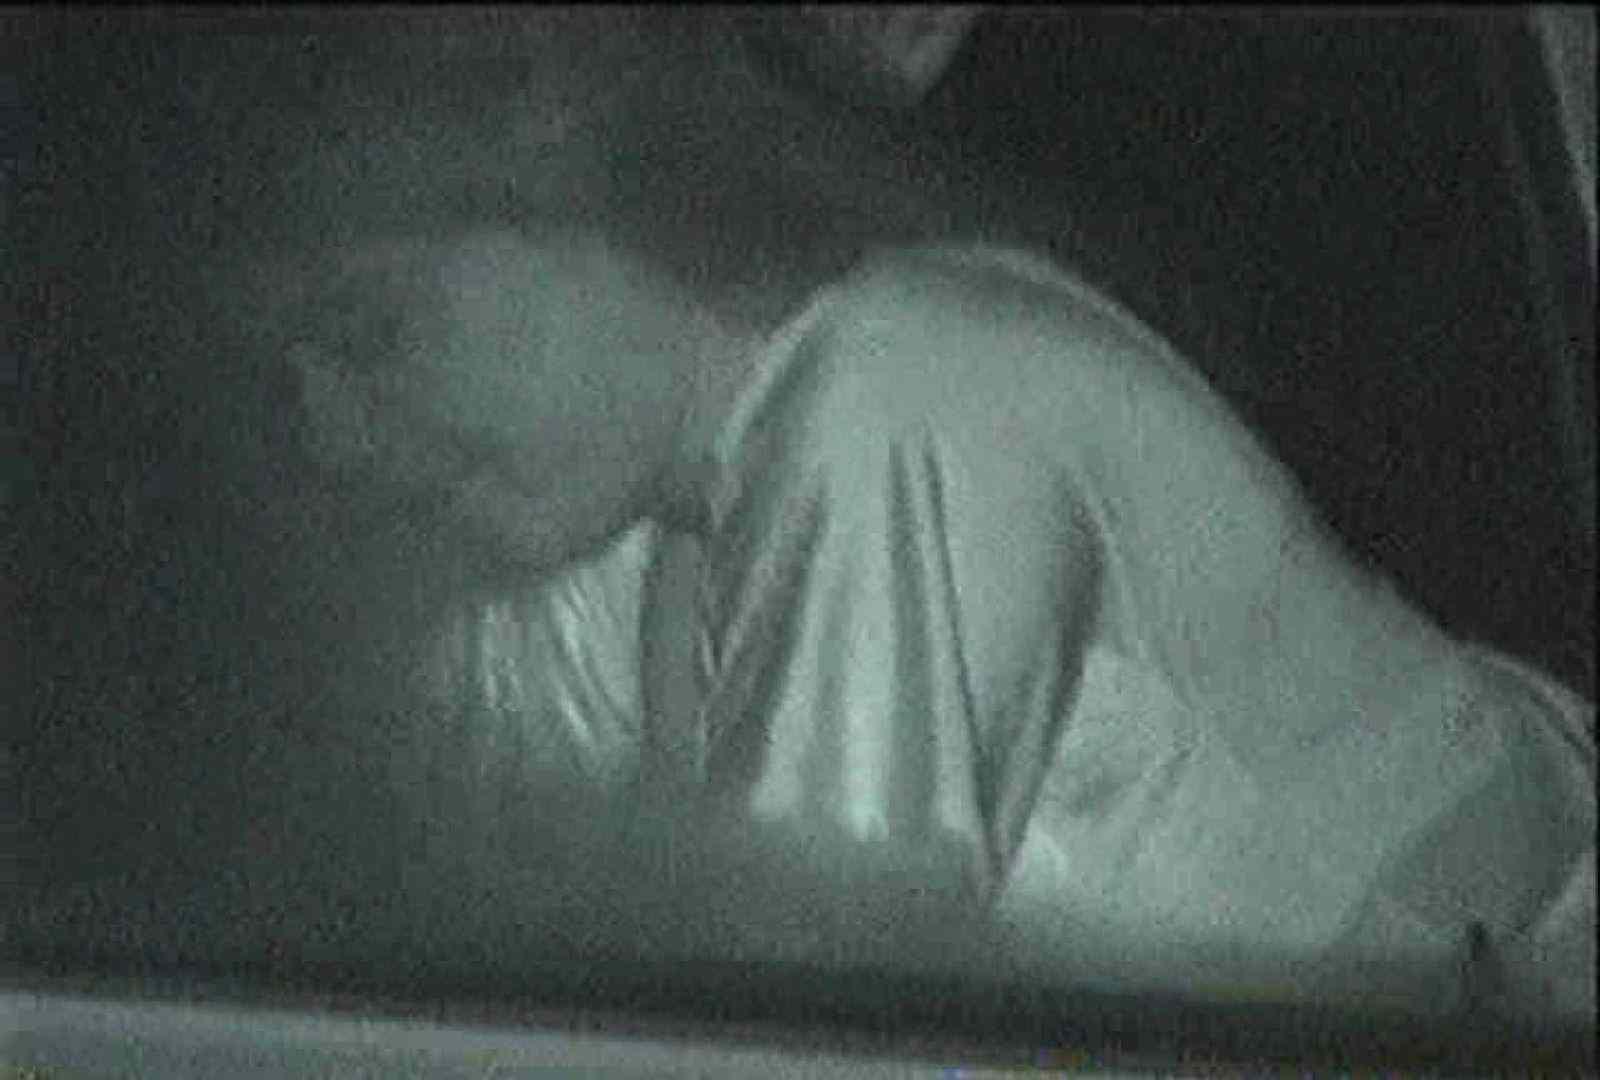 充血監督の深夜の運動会Vol.79 おまんこ | 美しいOLの裸体  91pic 91